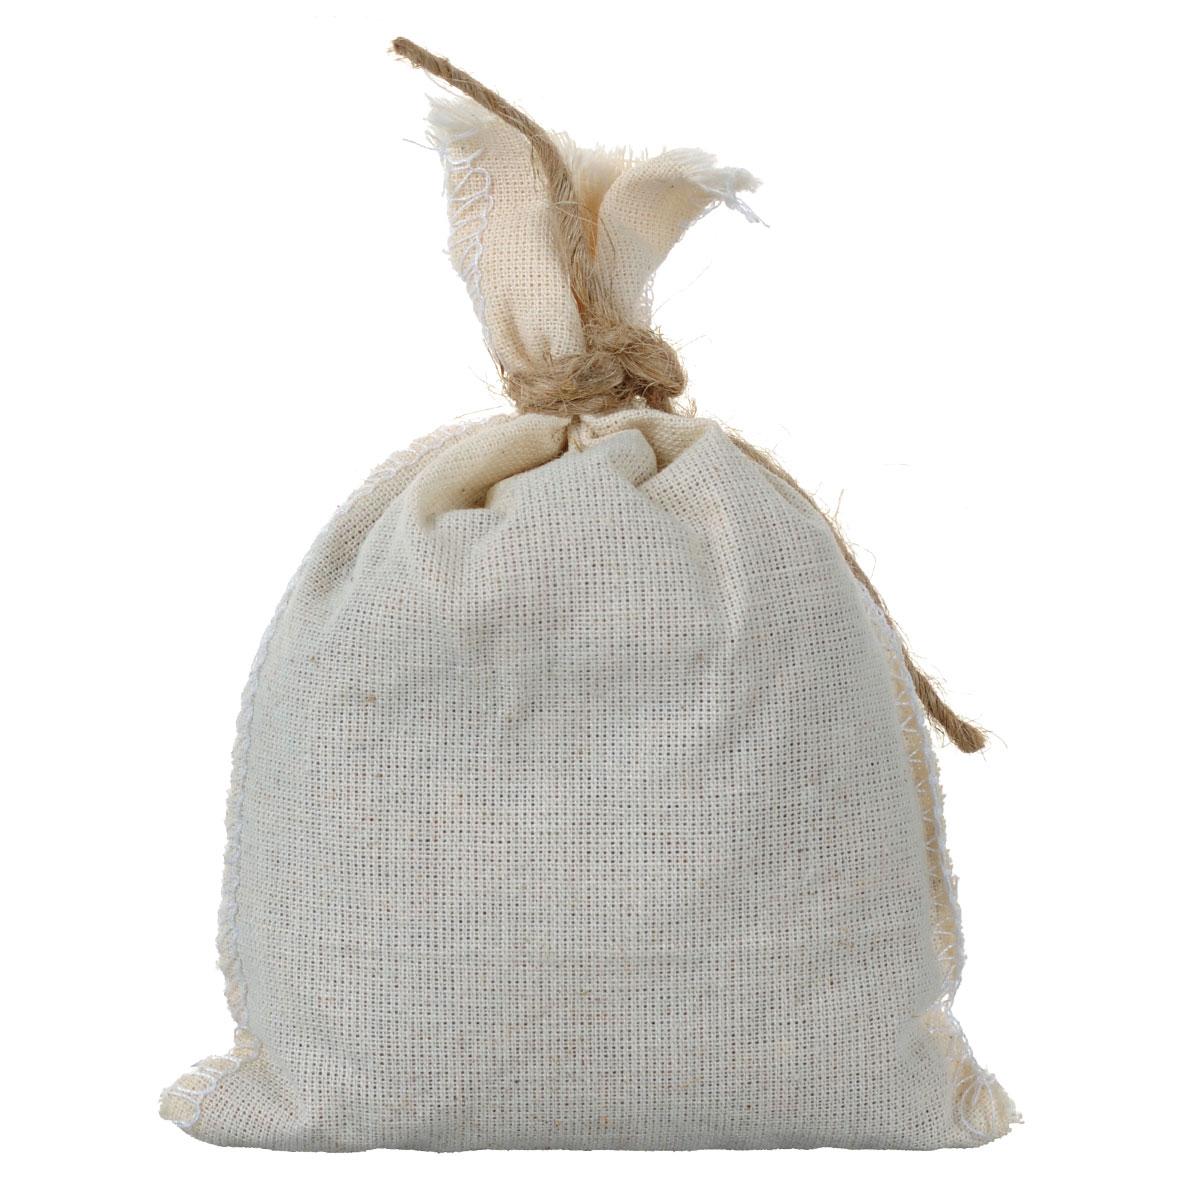 Запарка банная травяная Ромашка и пустырник, 30 гБ2151Травяная запарка для бани Ромашка и пустырник позволит расслабиться и насладиться приятным ароматом натуральных трав. Запарка в мешочке.Живительная сила 100% натуральных травяных сборов способствует оздоровлению всего организма: - укрепляет иммунитет, - тонизирует, - витаминизирует, - выводит токсины, - рекомендована профессиональными парильщиками. Применение для бани и ванн: Мешочек заливается кипятком (3 л) и настаивается 15-20 минут. Емкость желательно закрыть крышкой. Рекомендуется принимать ванну в течение 15 минут.